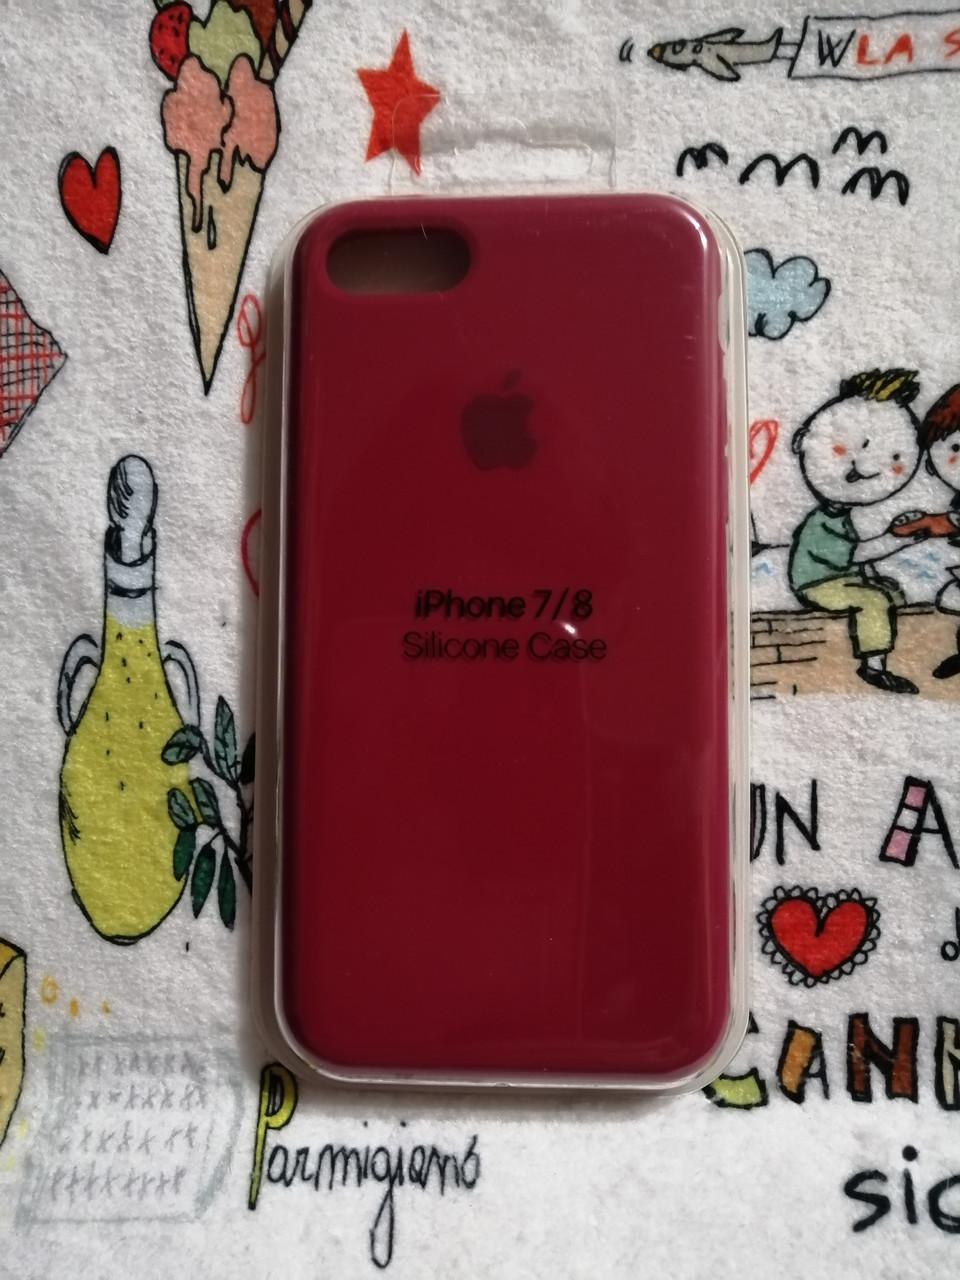 Силиконовый чехолApple Silicone CaseдляiPhone 7 / 8 - Color 18